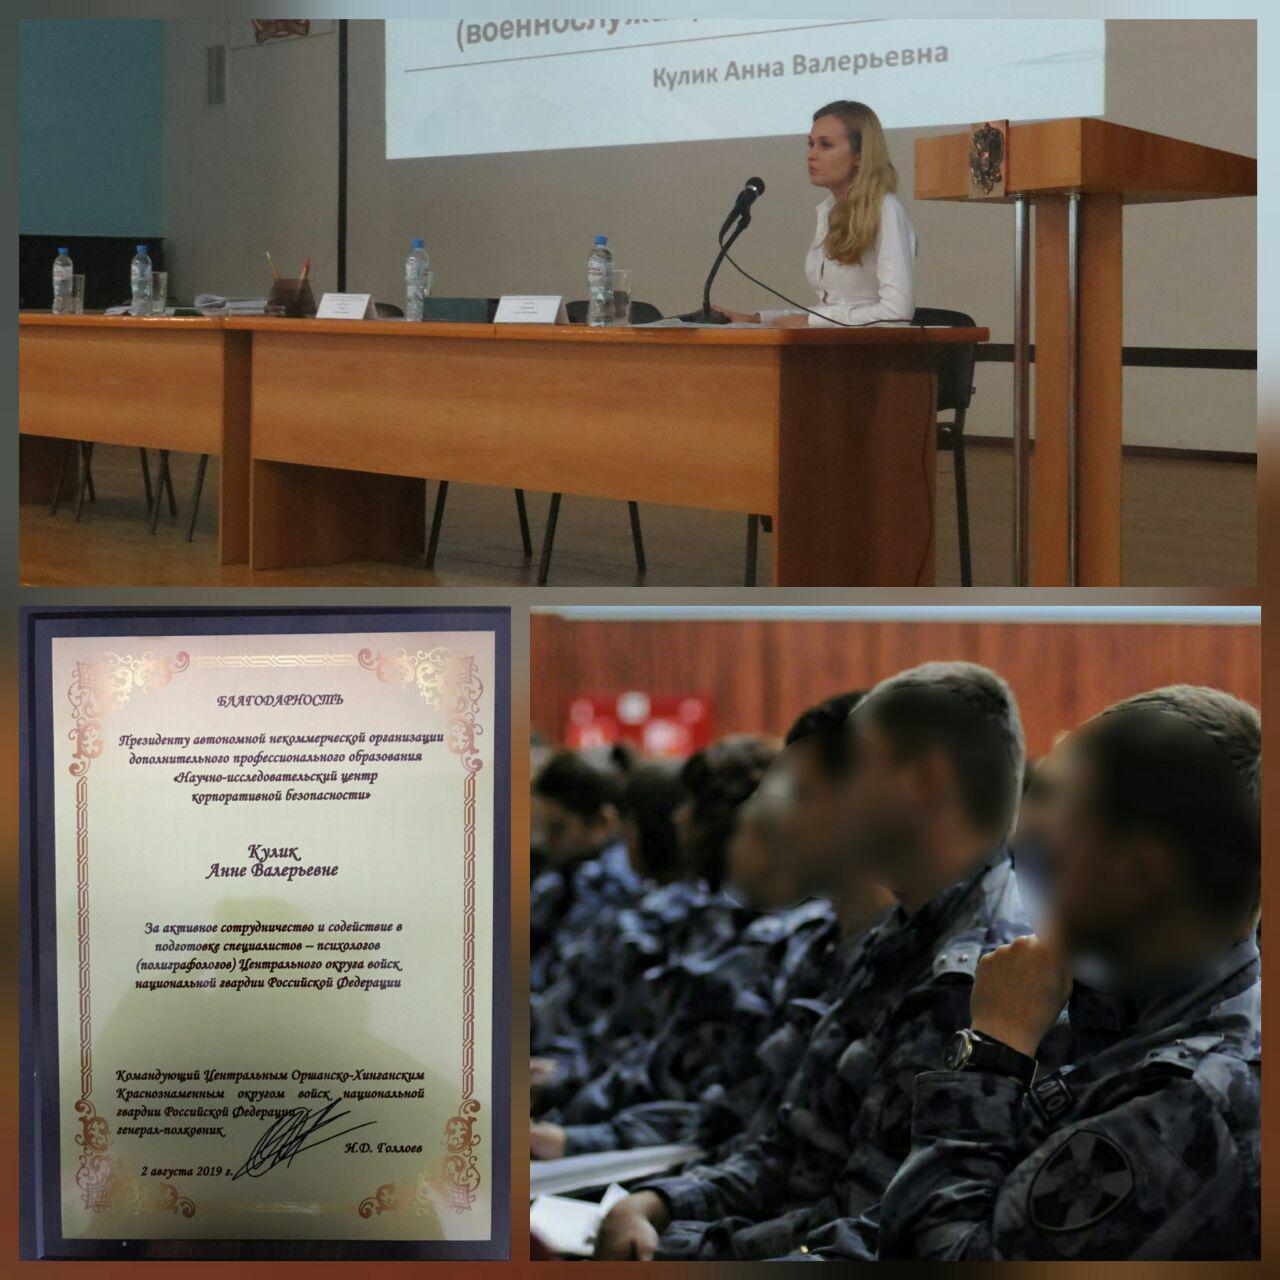 Обучение сотрудников Центрального округа ФС ВНГ